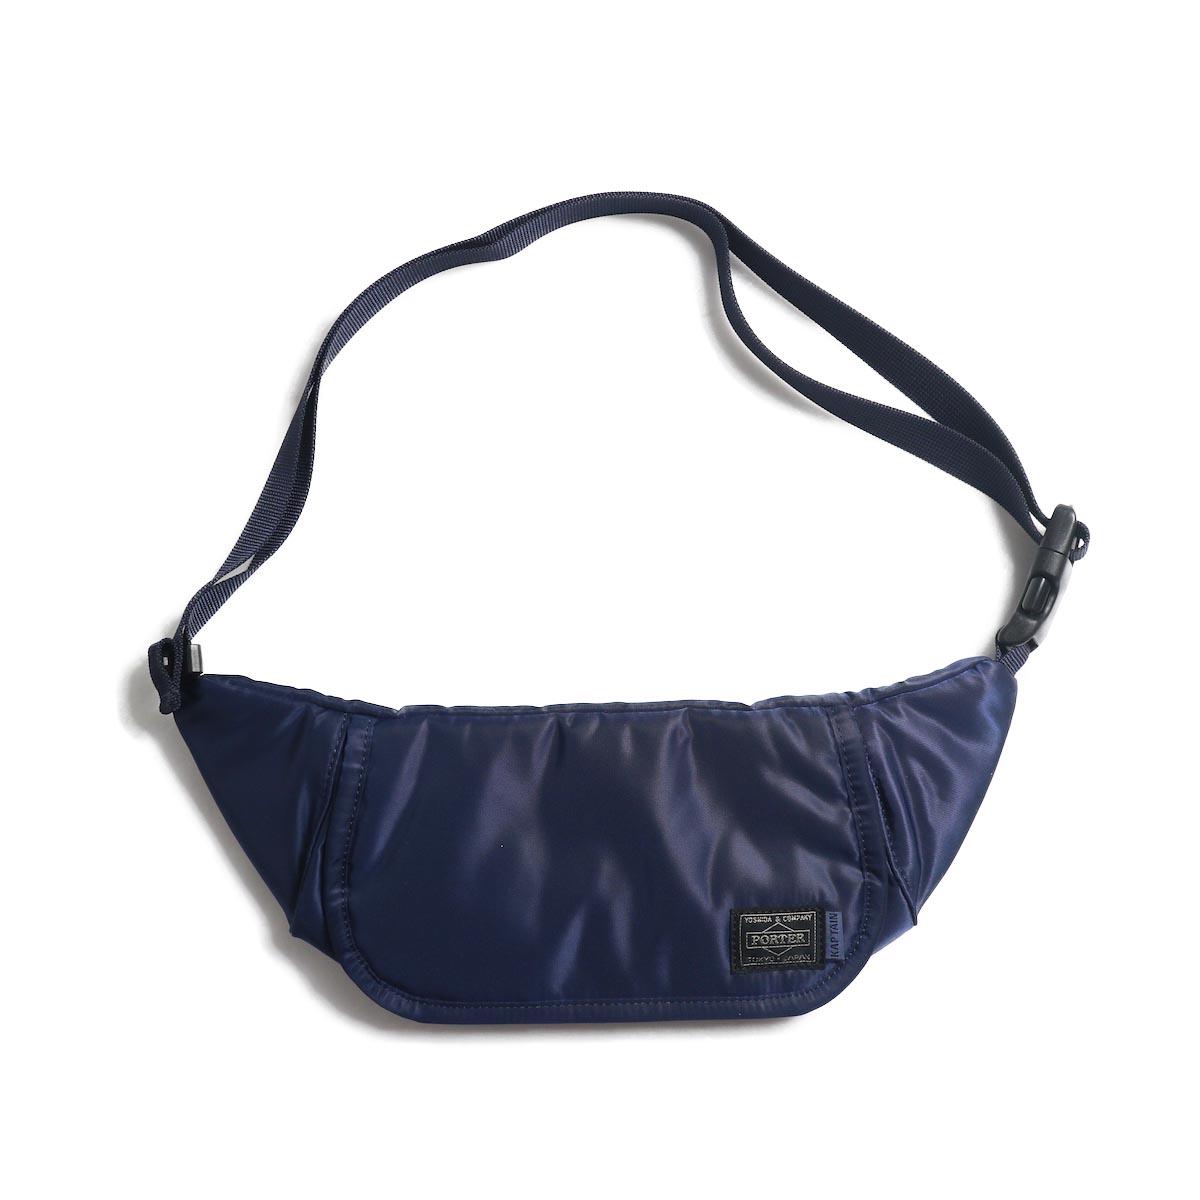 Kaptain Sunshine × Porter / Travellers Funny Bag -Navy